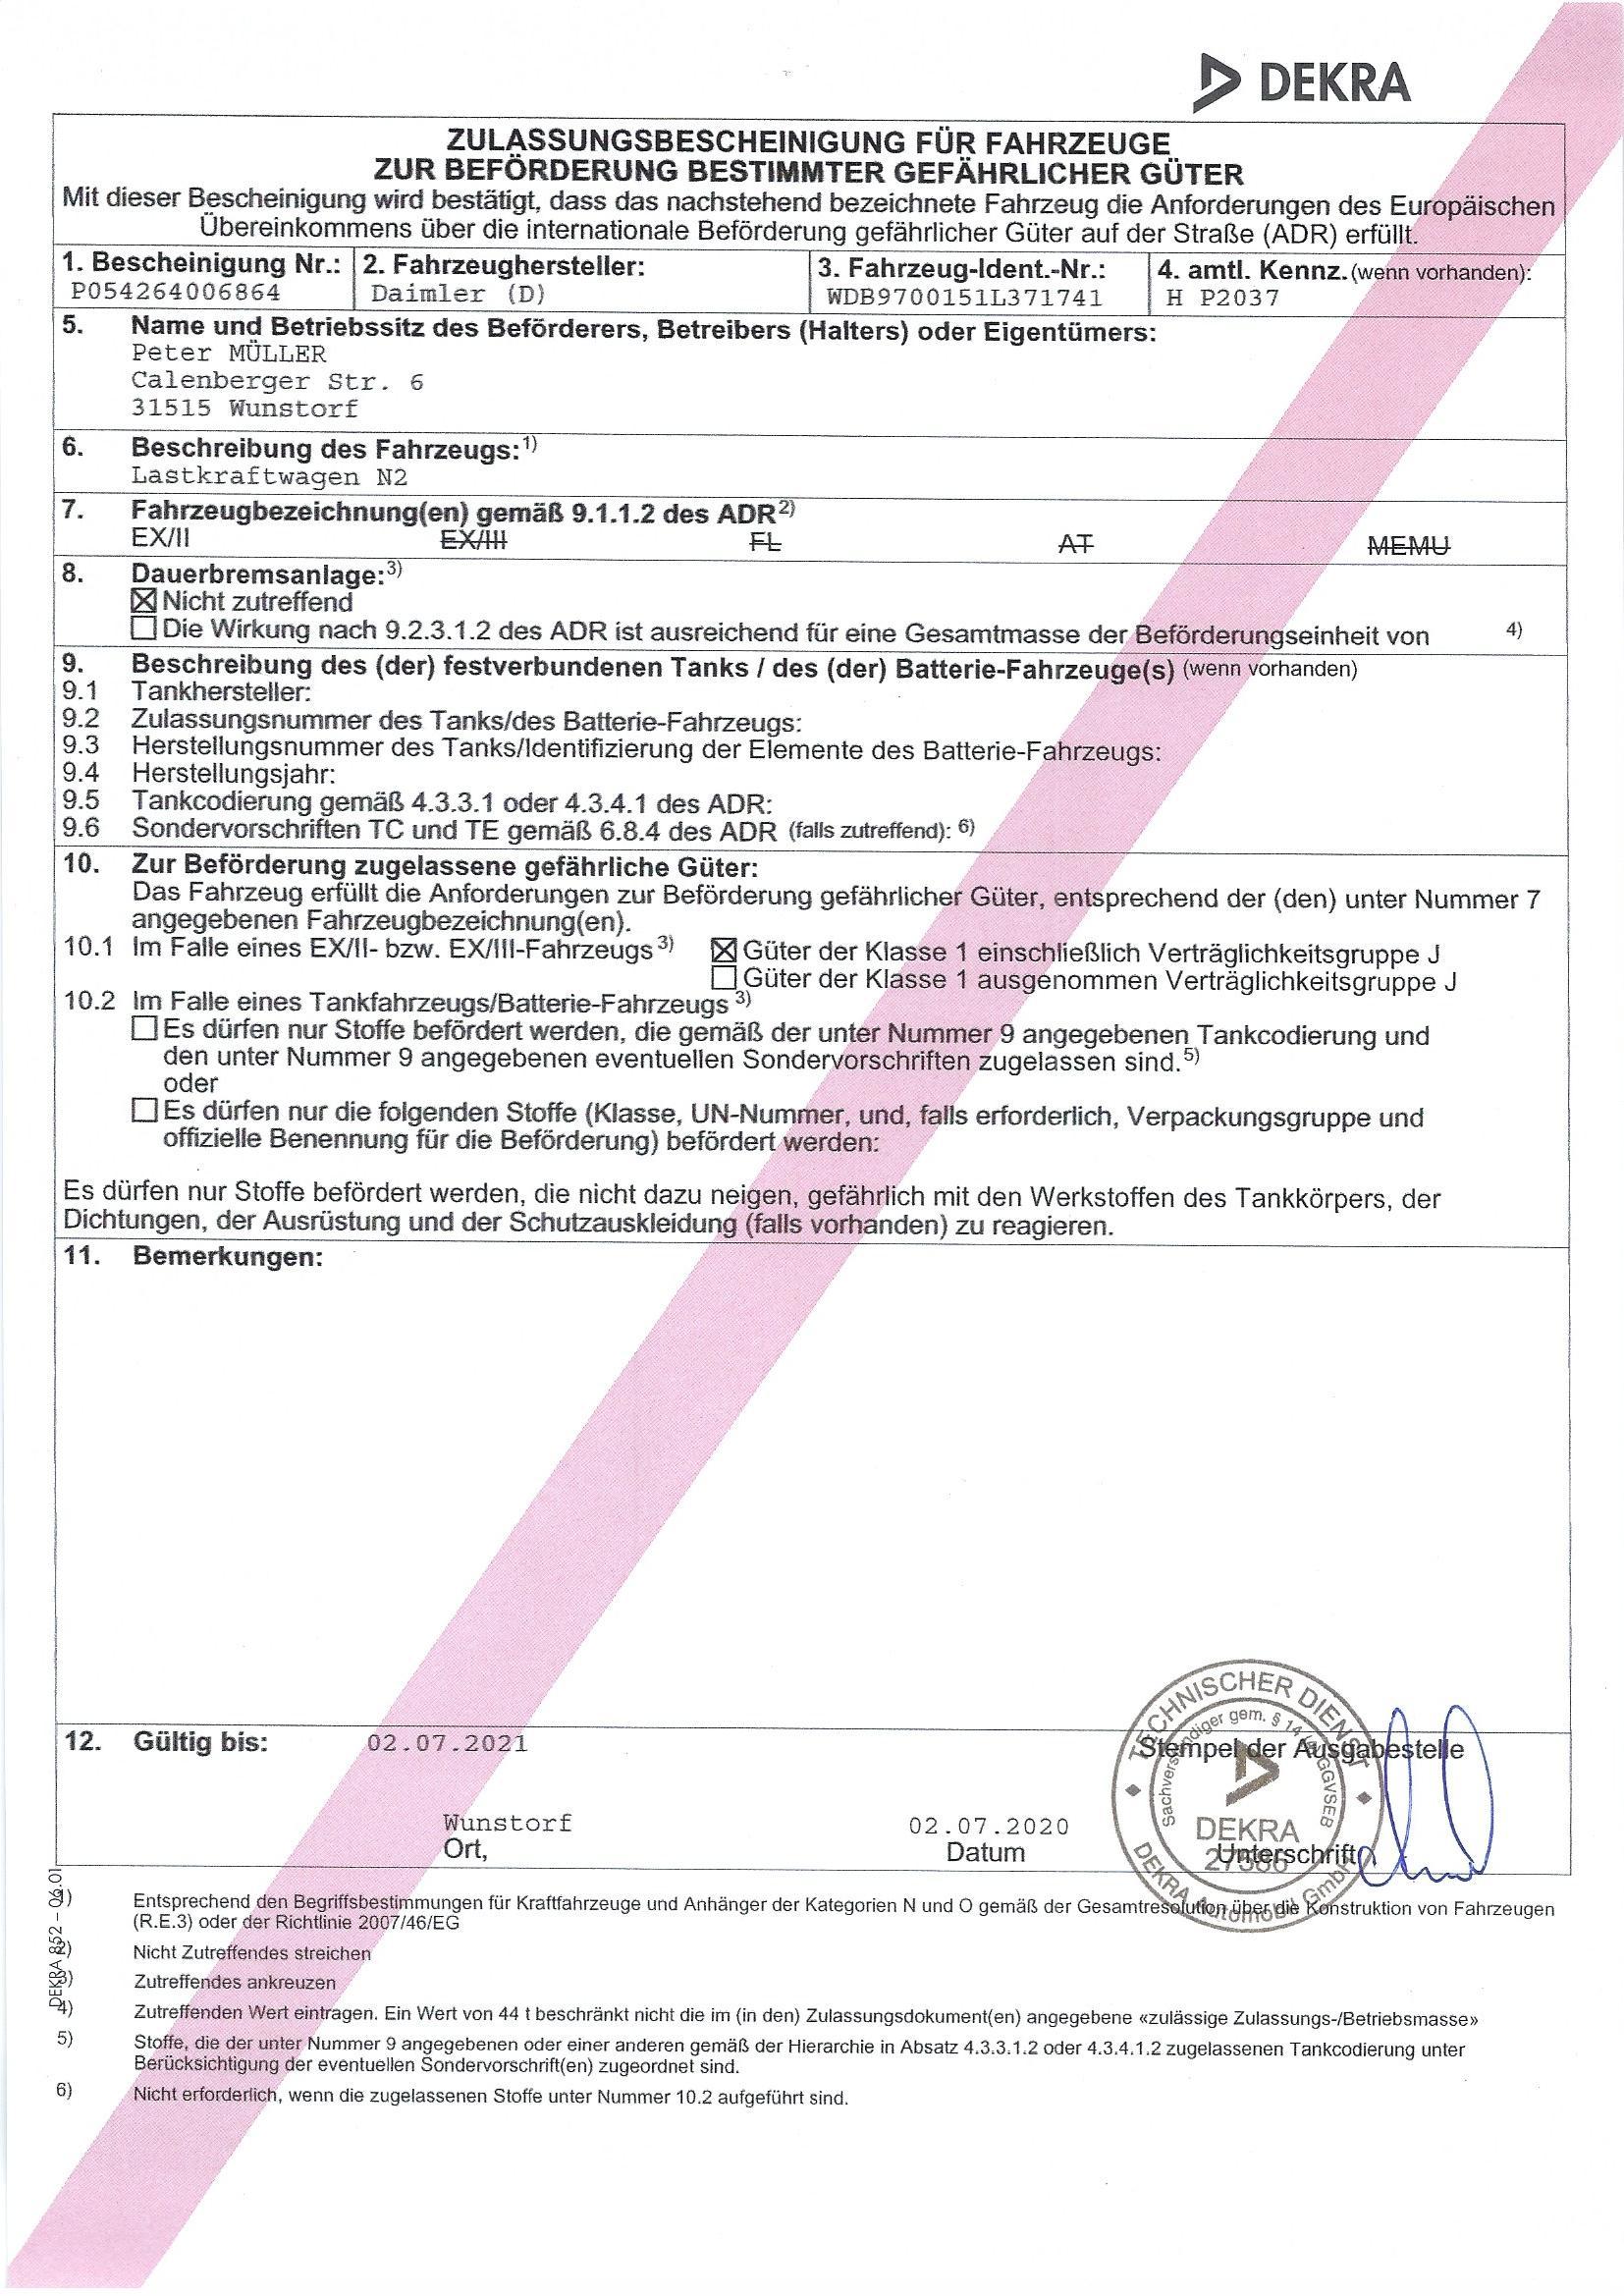 EX II Zulassung H-P 2037